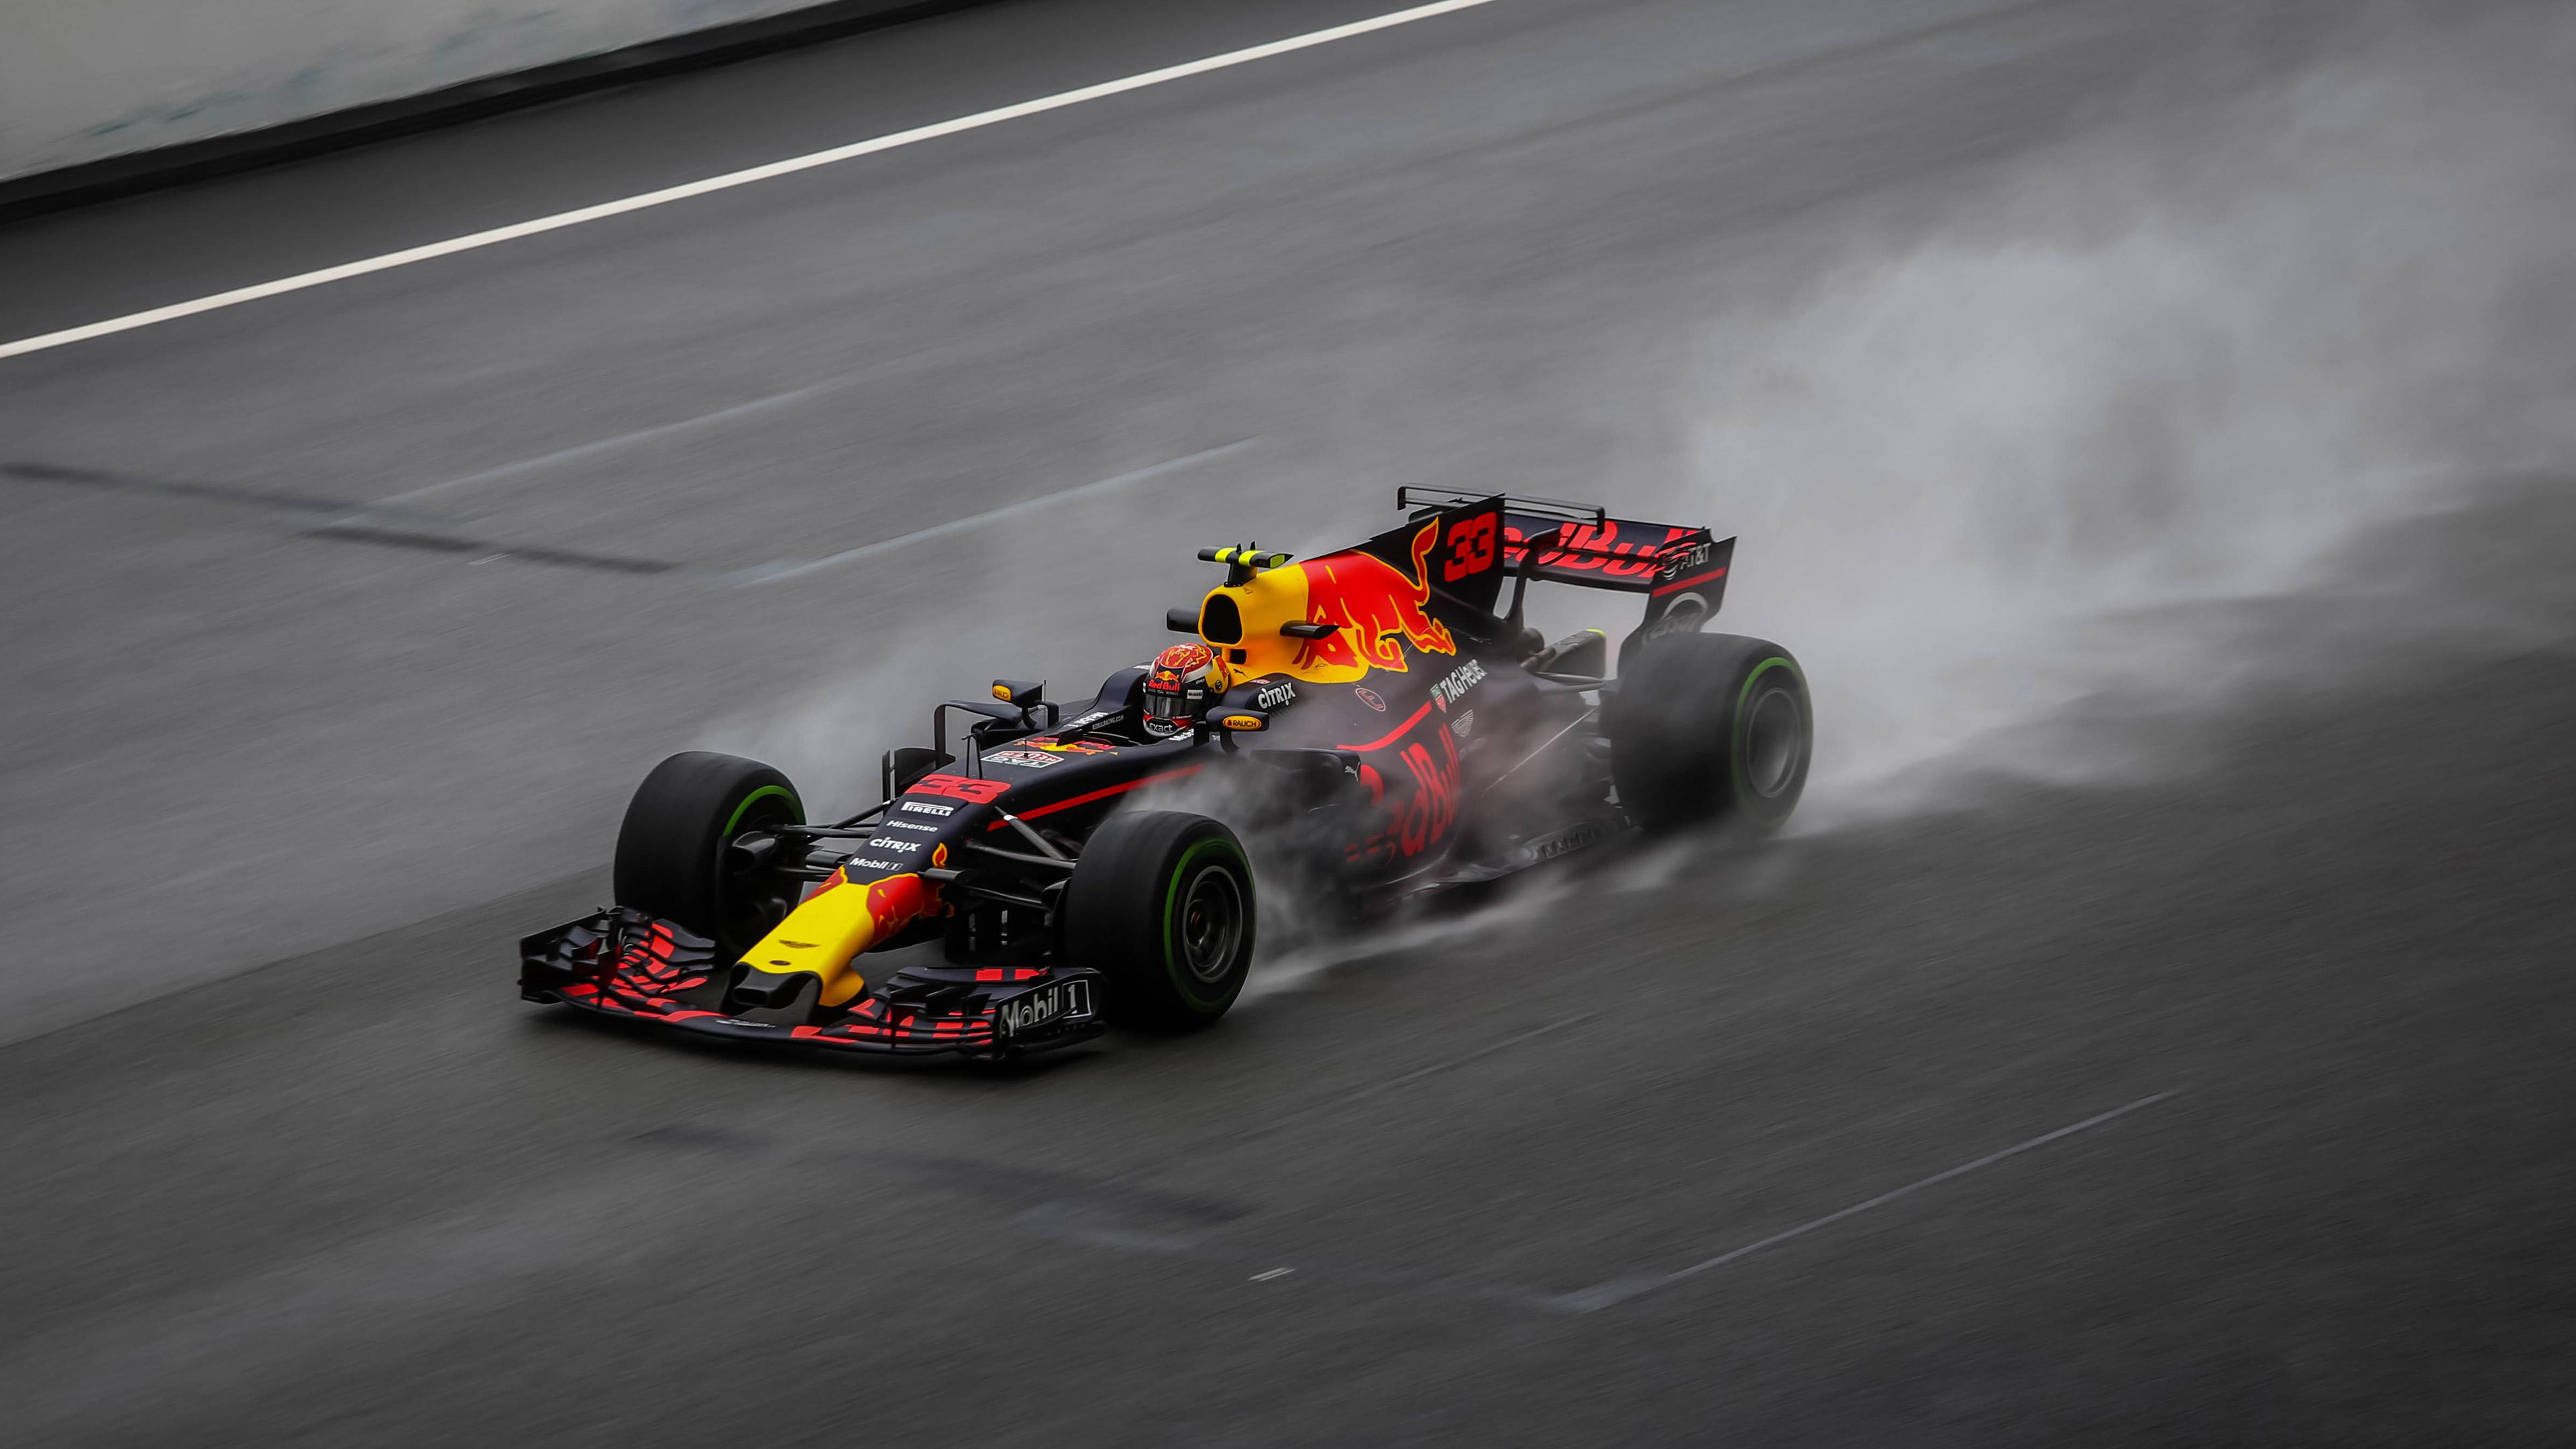 2017 red bull rb13 4k 1539107333 - 2017 Red Bull RB13 4k - track wallpapers, racing wallpapers, f1 wallpapers, cars wallpapers